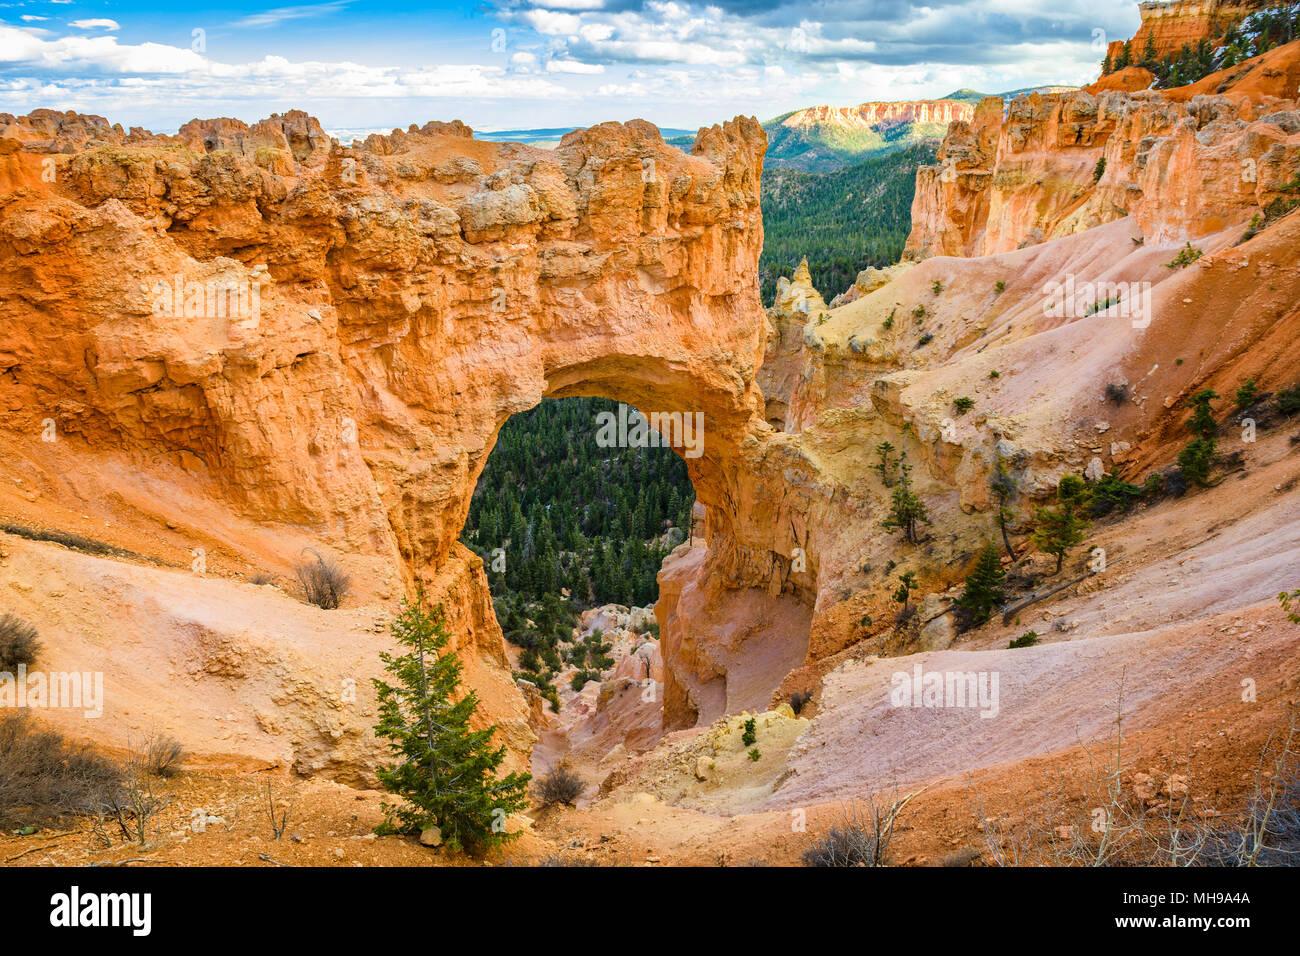 Bryce Canyon National Park, Utah, EE.UU. en el puente natural. Foto de stock